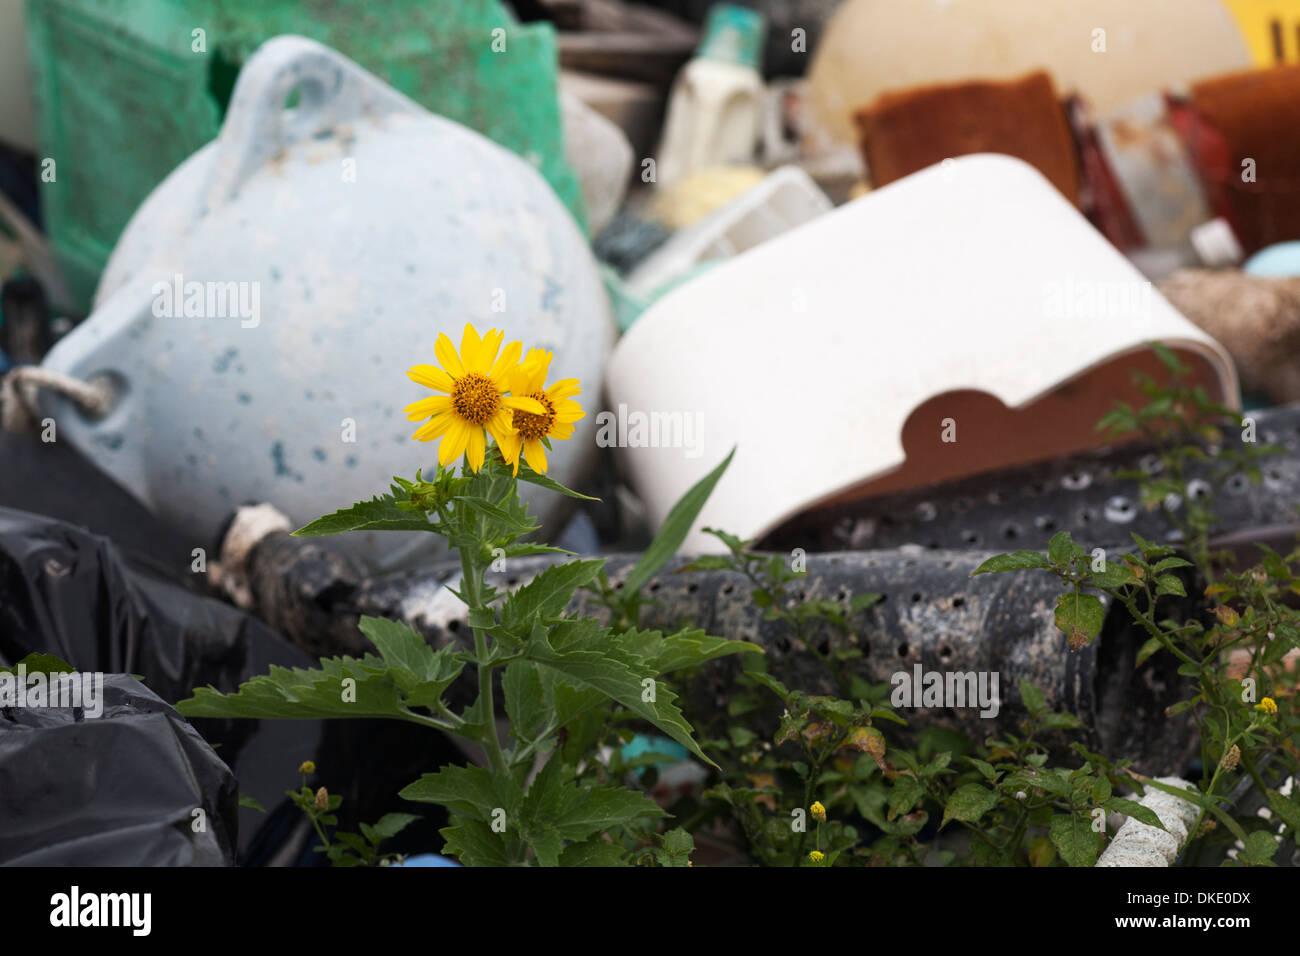 Dos derechos introducciones a una remota isla del Pacífico Norte: las especies invasoras Golden Crownbeard (Verbesina encelioides) de plástico y desechos marinos. Foto de stock